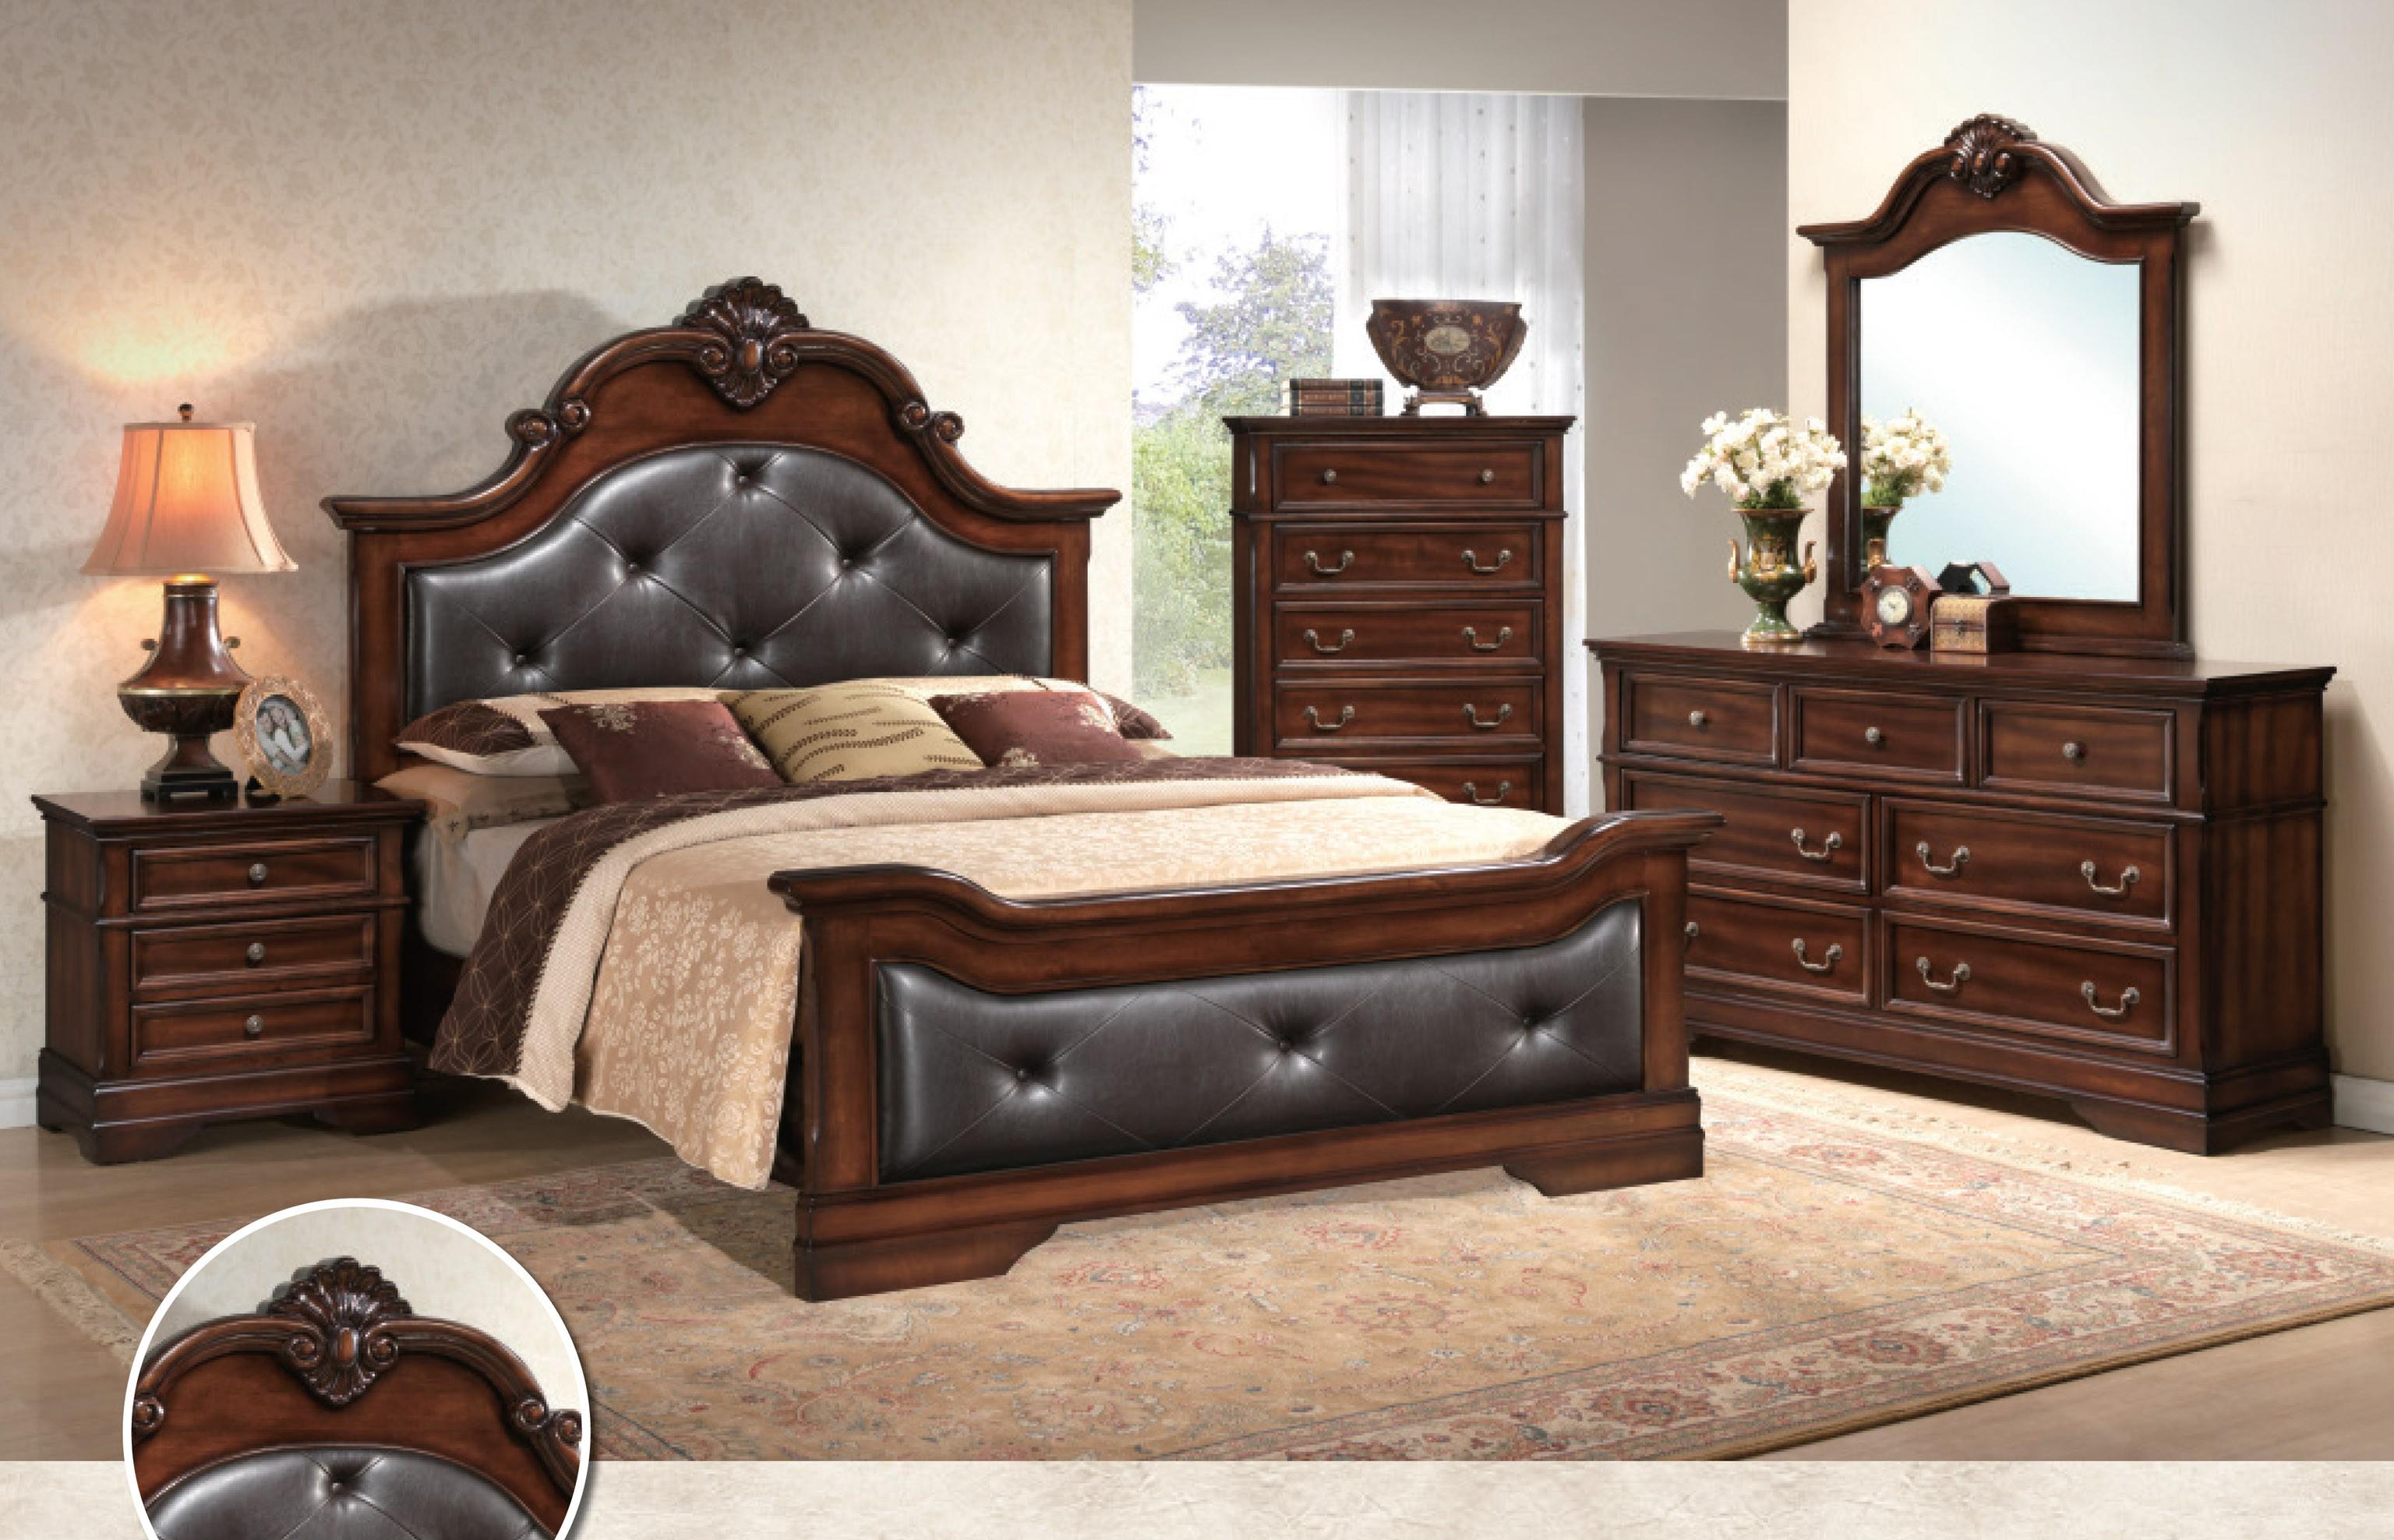 Home Impressions Furniture